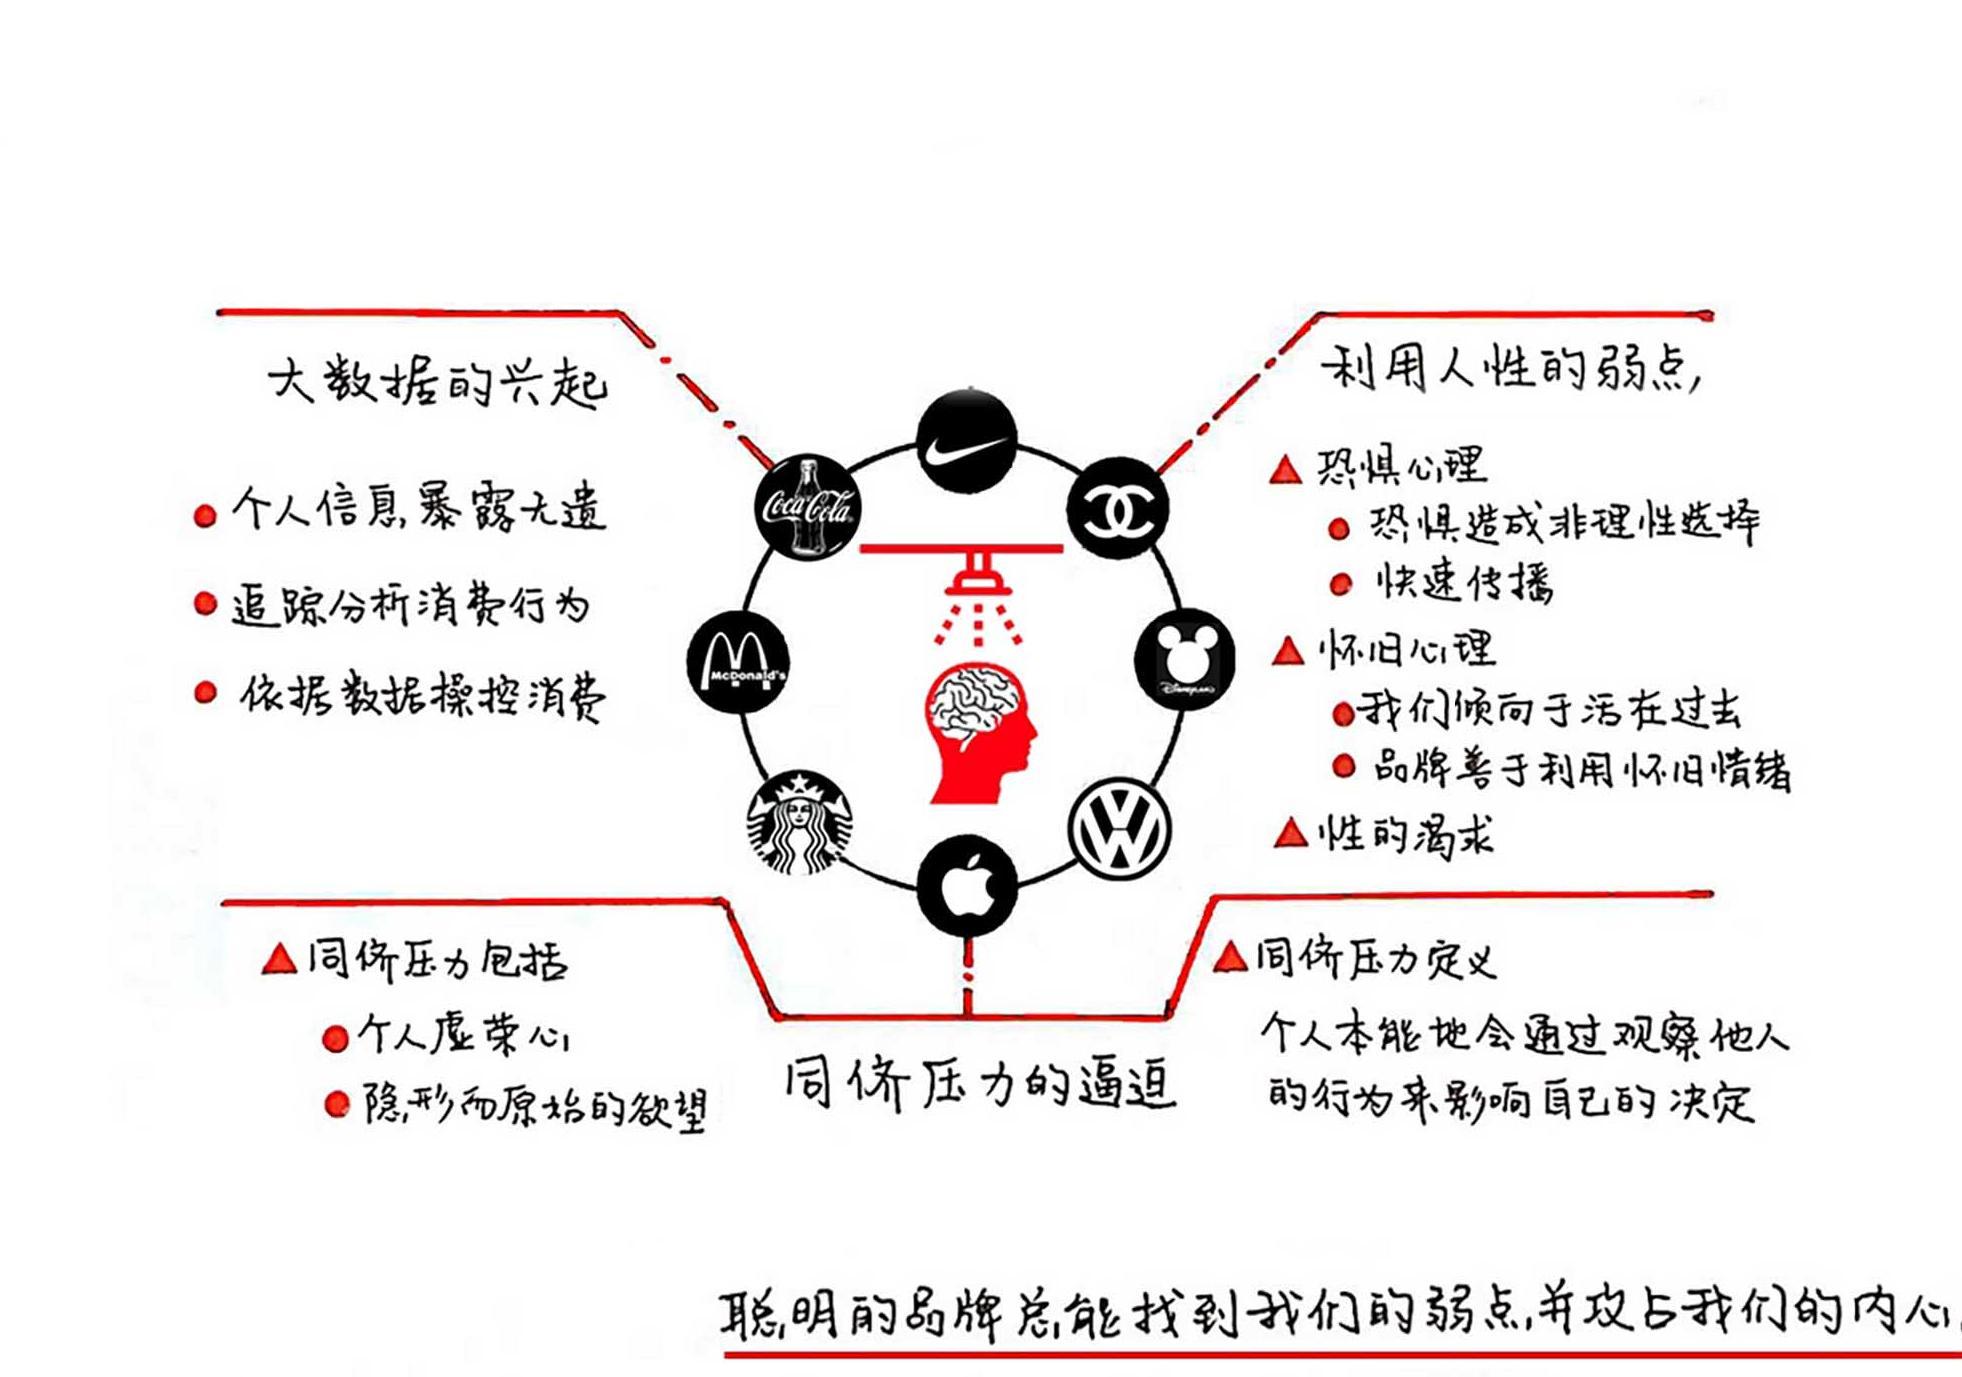 普宁小偷被打视频_经济社会学手册_手册_产品手册_会议手册